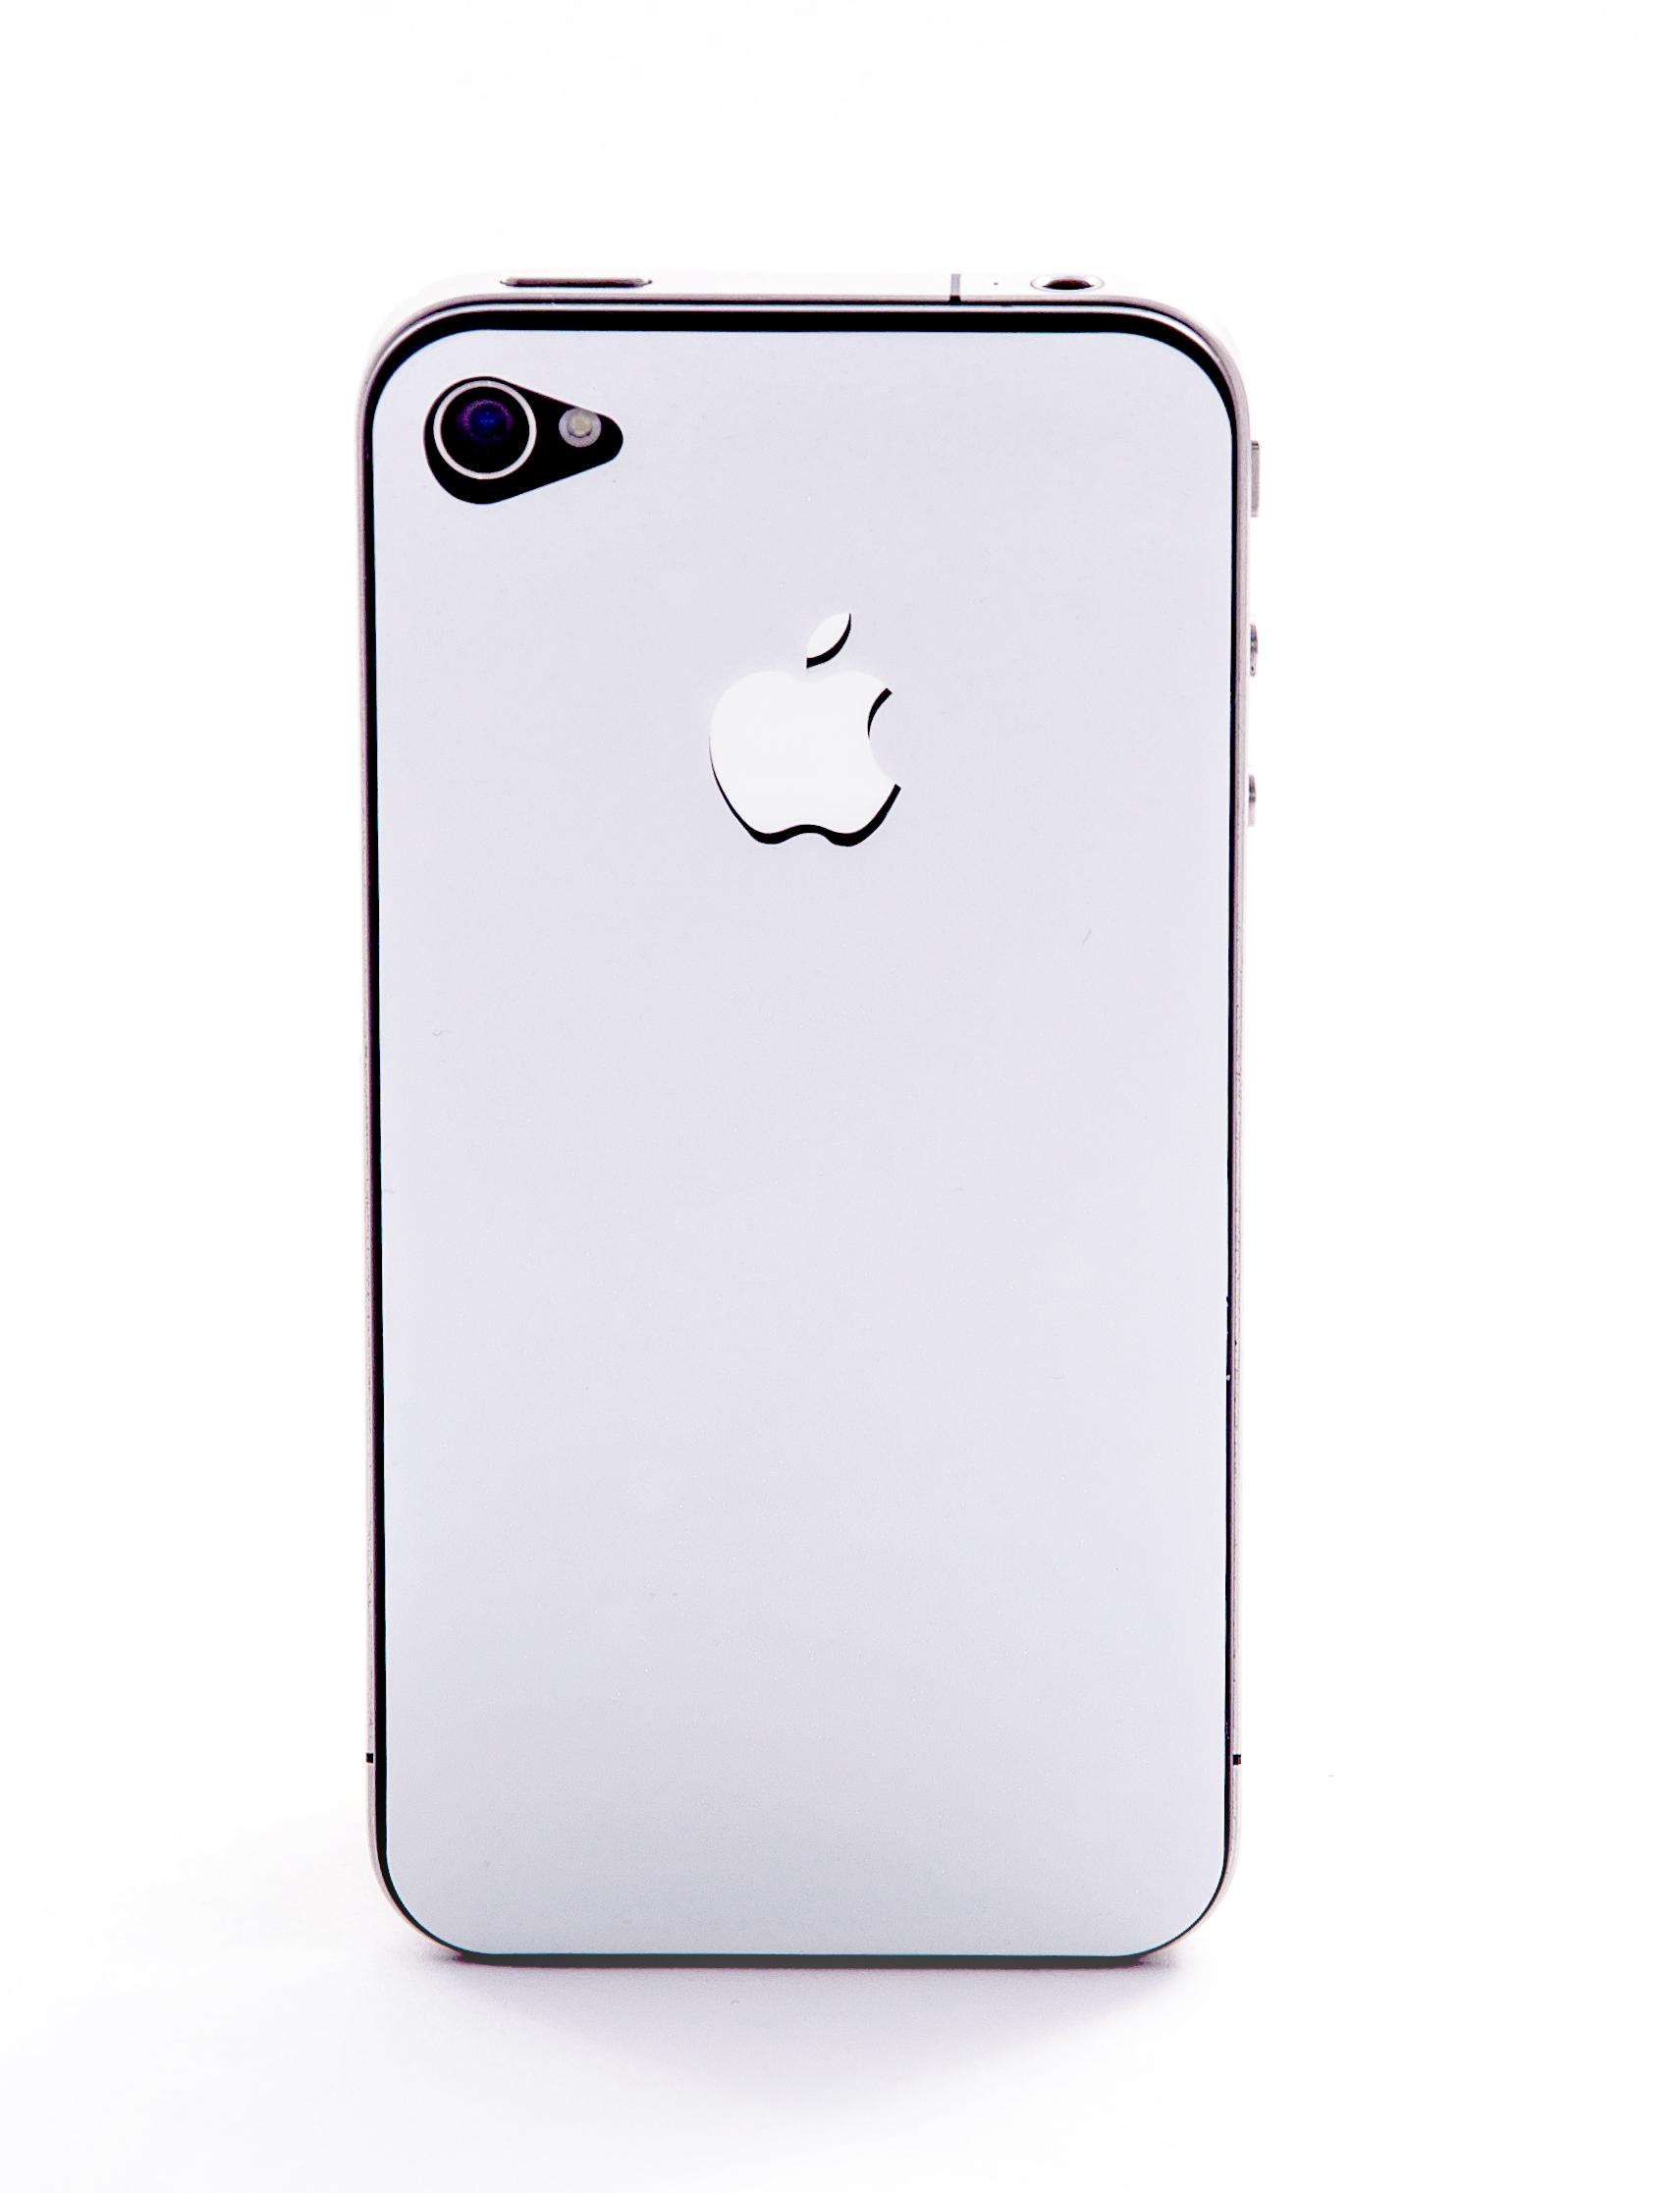 Пленка защитная EGGO iPhone 4/4S Crystalcover white BackSide (белая, перламутровая)